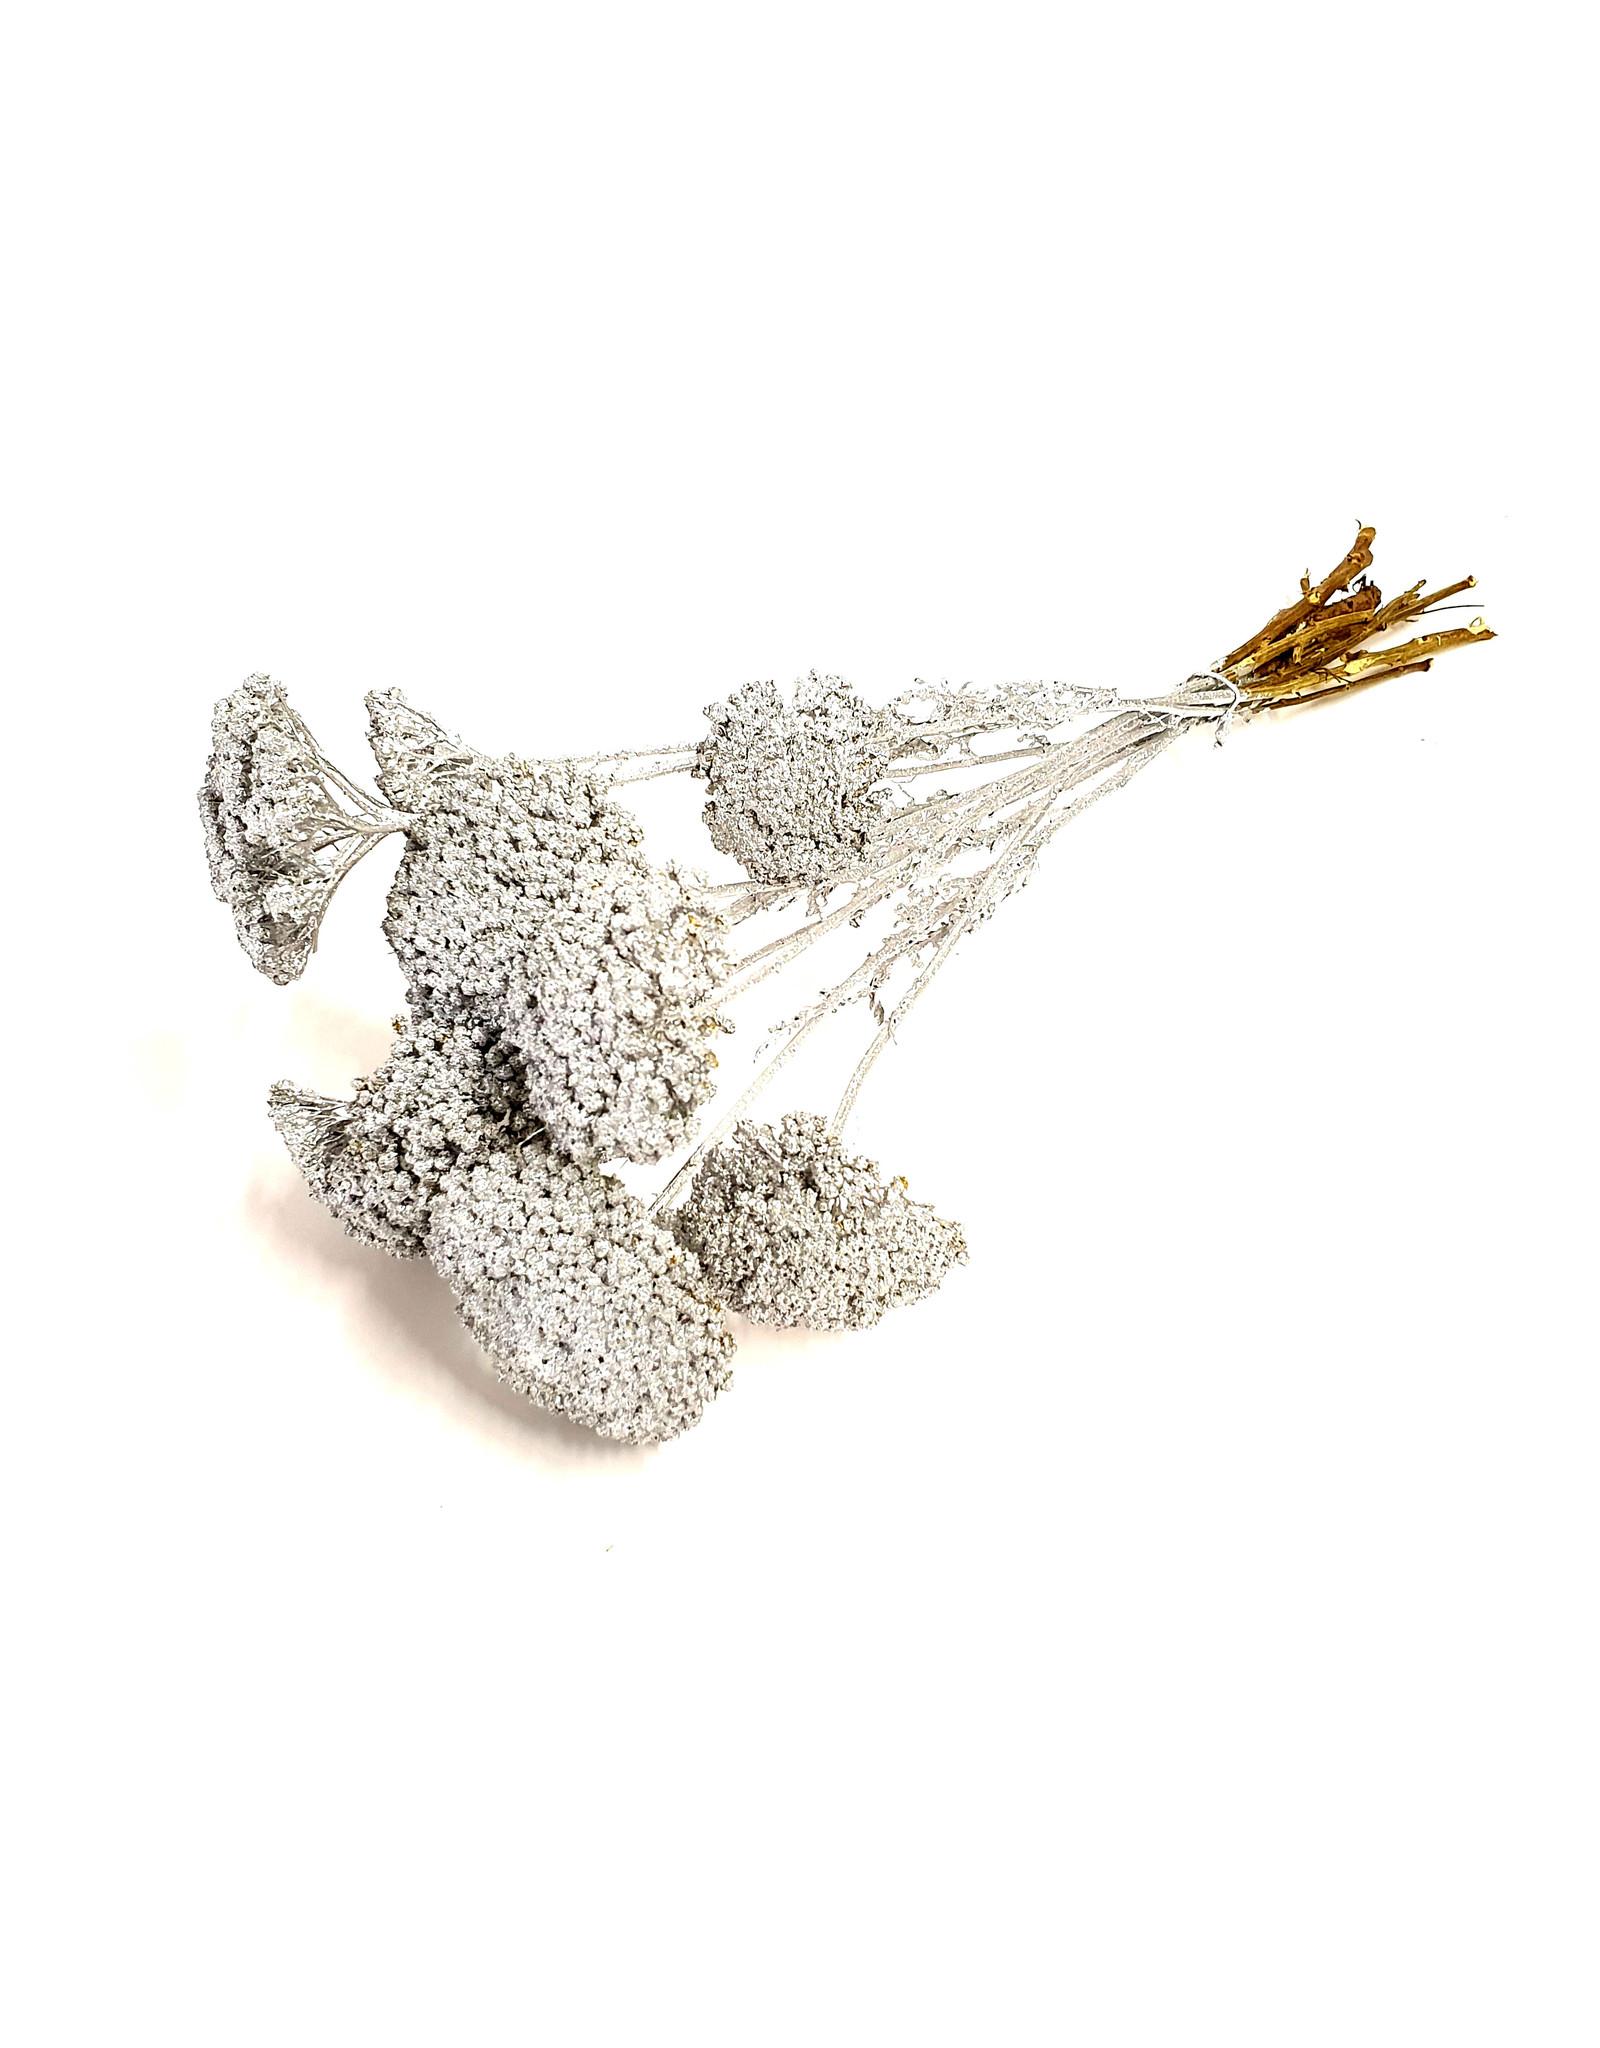 QC Achillea per stem Silver x 100